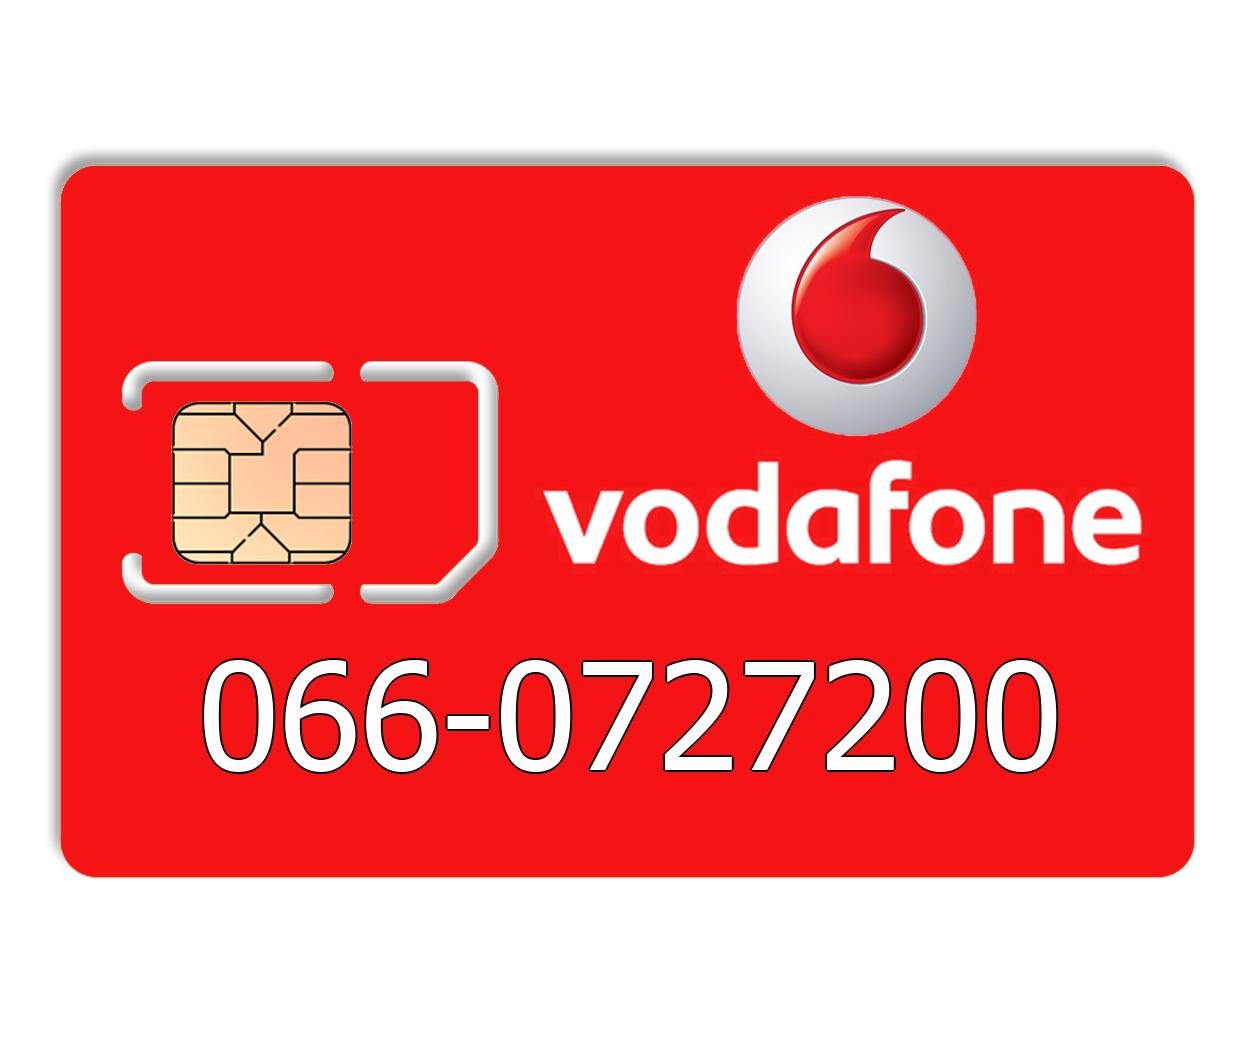 Красивый номер Vodafone 066-0727200